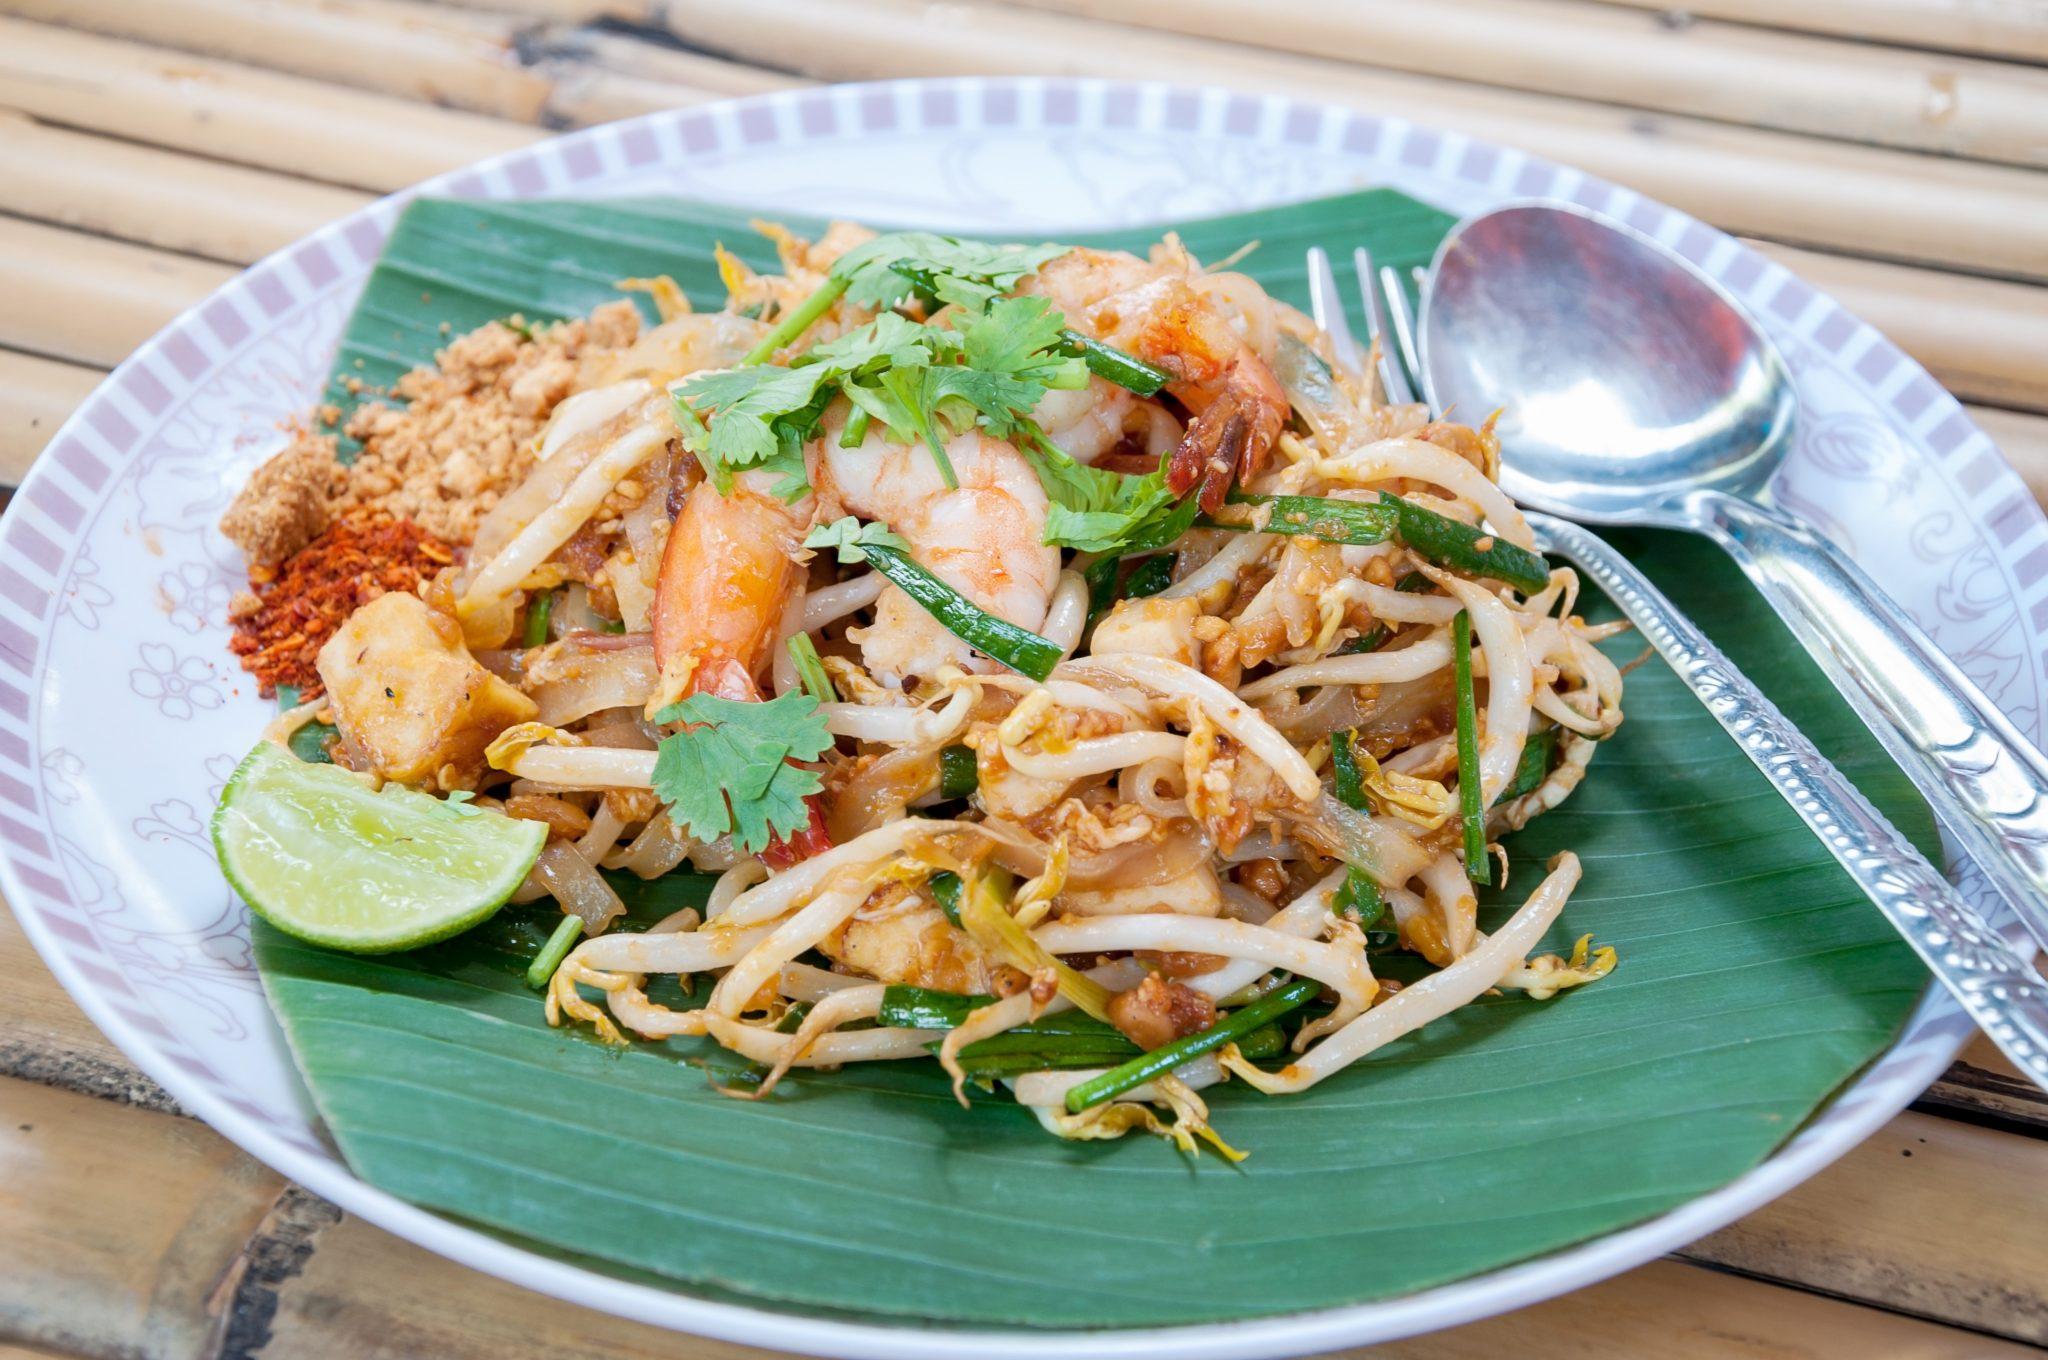 Recette phat tha jevto bond - Cuisine thailandaise traditionnelle ...